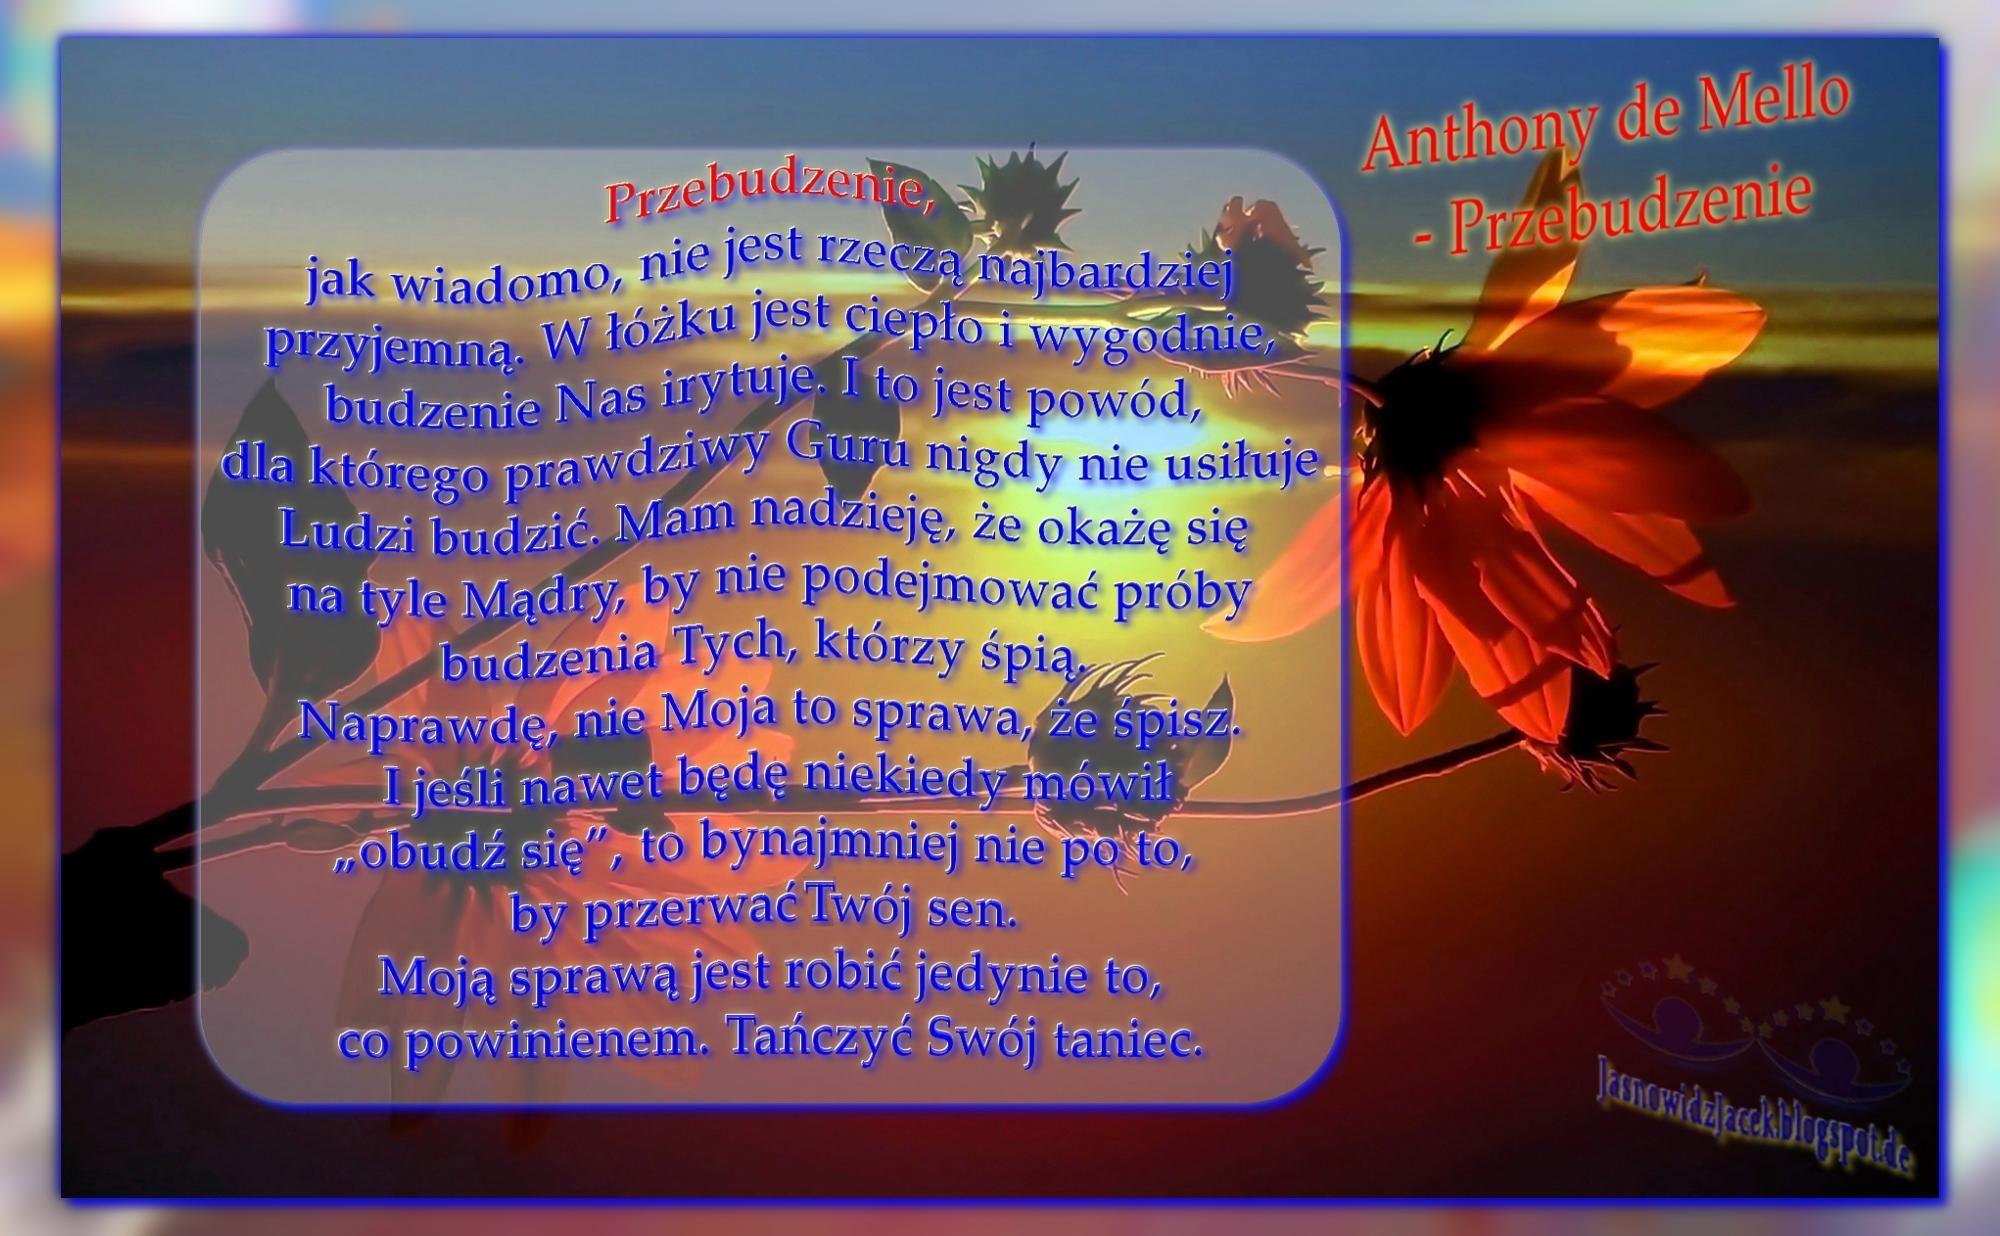 Anthonydemello Przebudzenie Anthony De Mello Jasnowidzjacek